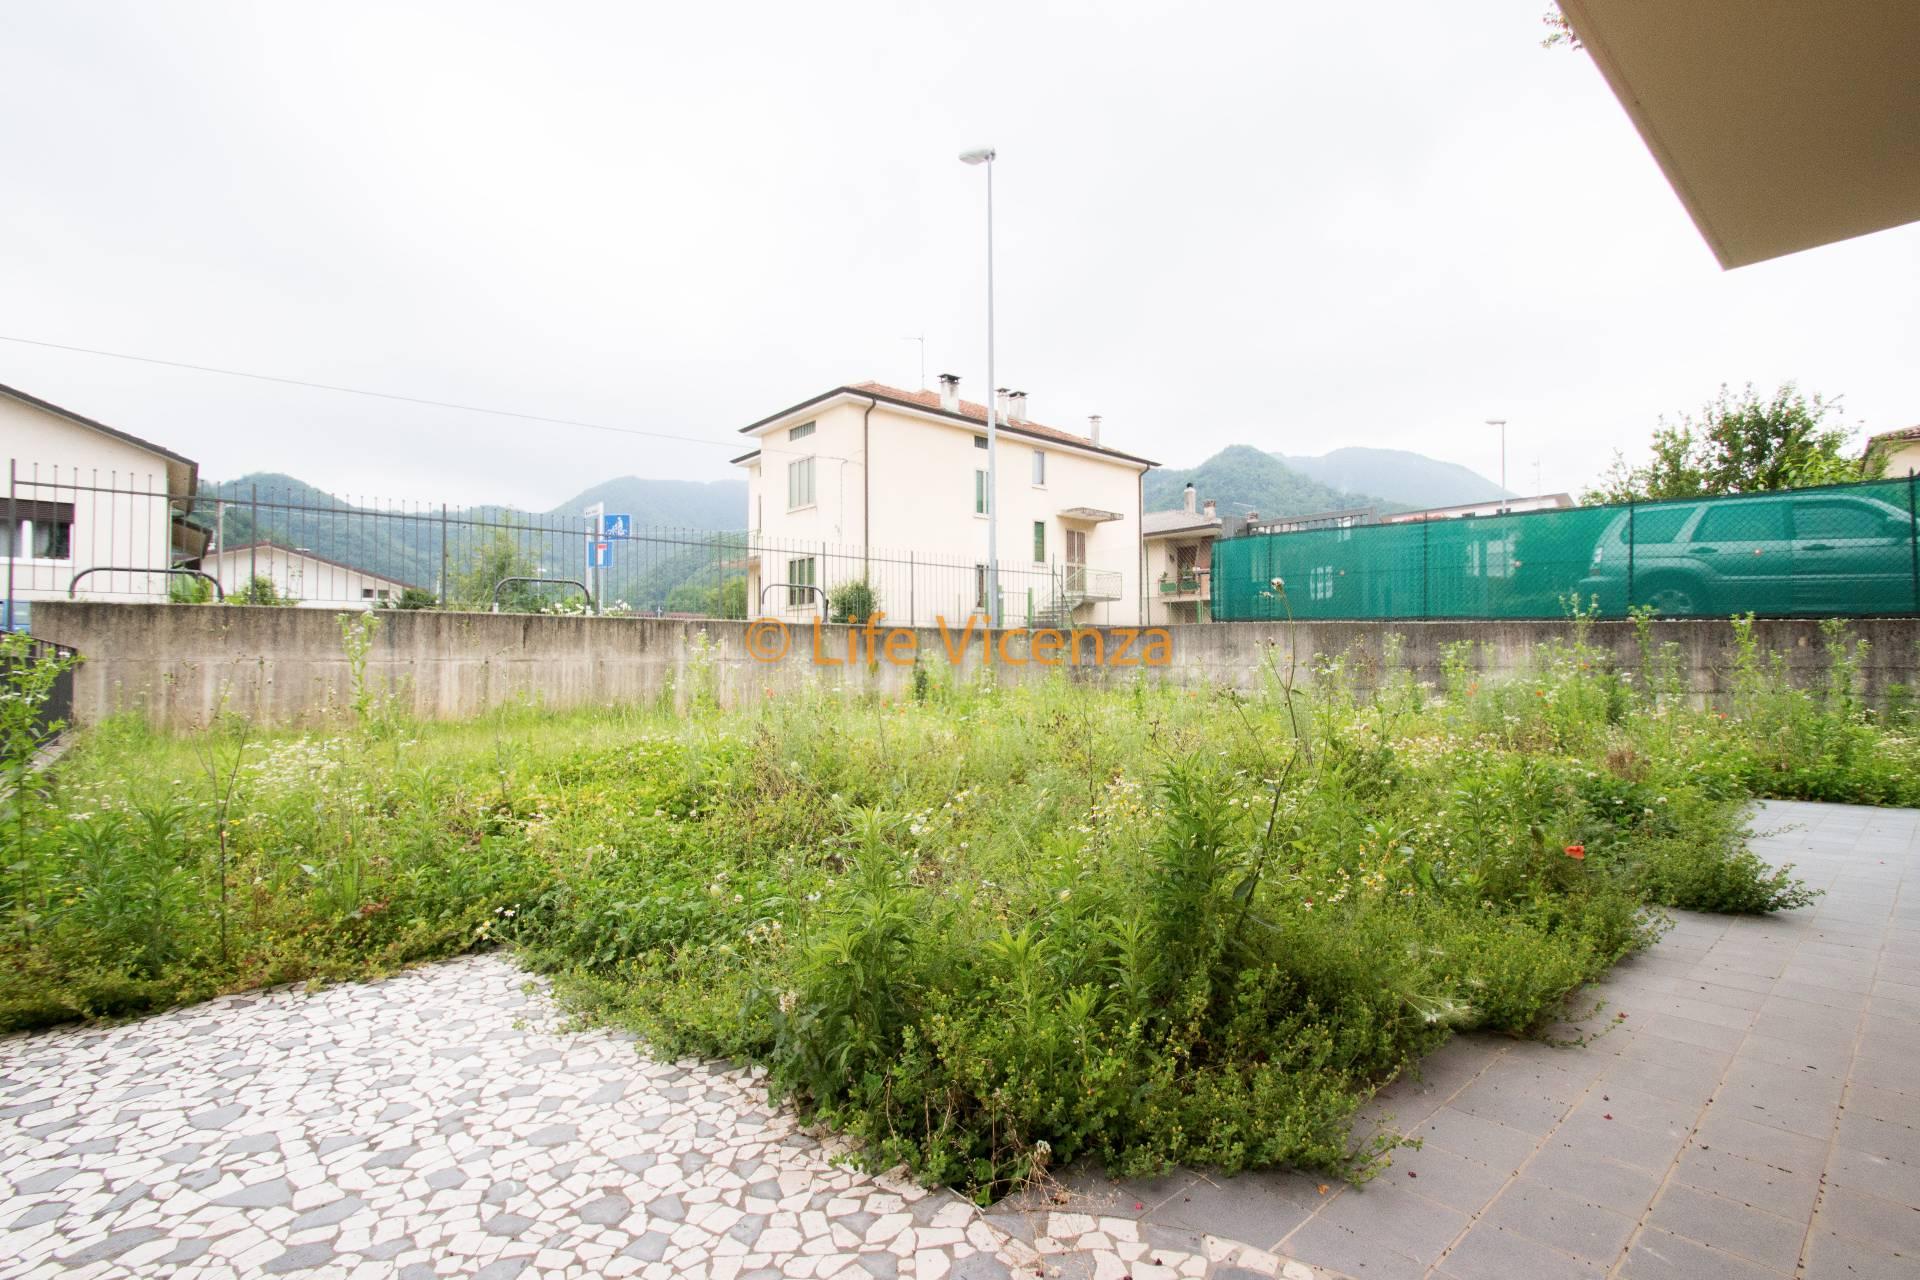 Appartamento in vendita a Torrebelvicino, 6 locali, prezzo € 165.000 | CambioCasa.it